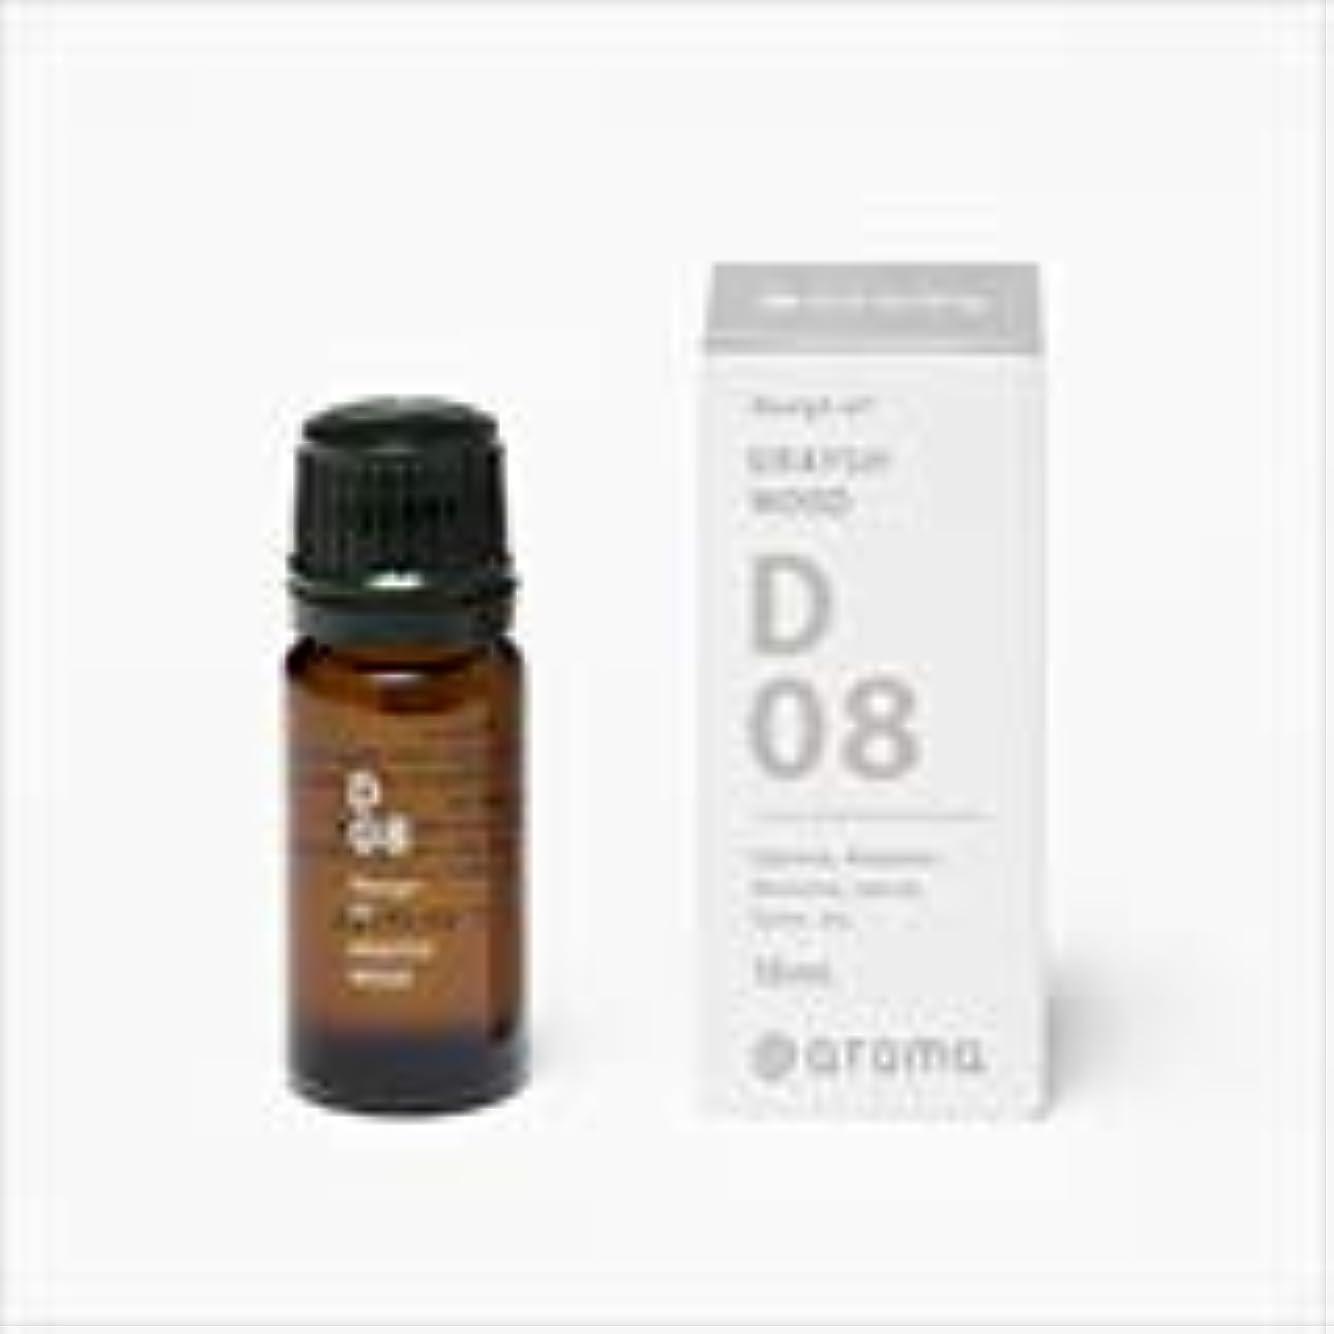 宿泊施設送る拒否アットアロマ 100%pure essential oil <Design air スタイリッシュグラマー>